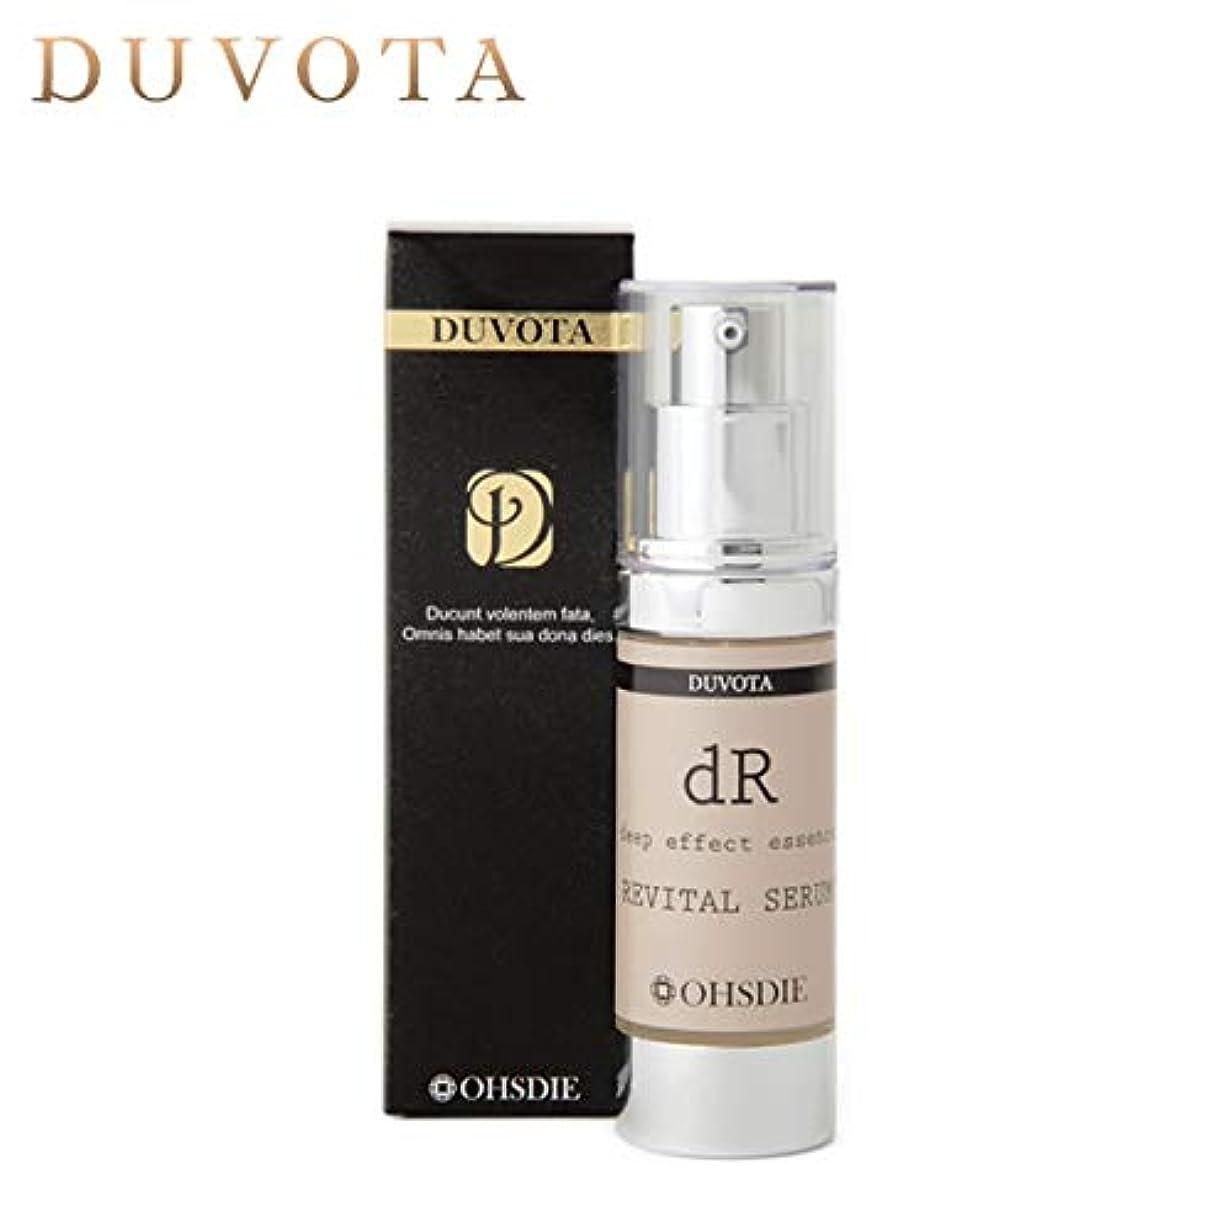 不可能な日焼け反対EGF 幹細胞 美容液 DUVOTA(ドゥボータ)ディープエフェクトエッセンスDリバイタルセラム 30ml / 馬プラセンタ ナールスゲン エレクトロポーション導入 エクラフレーズ 美顔器 リフトアップ 敏感肌 おすすめ